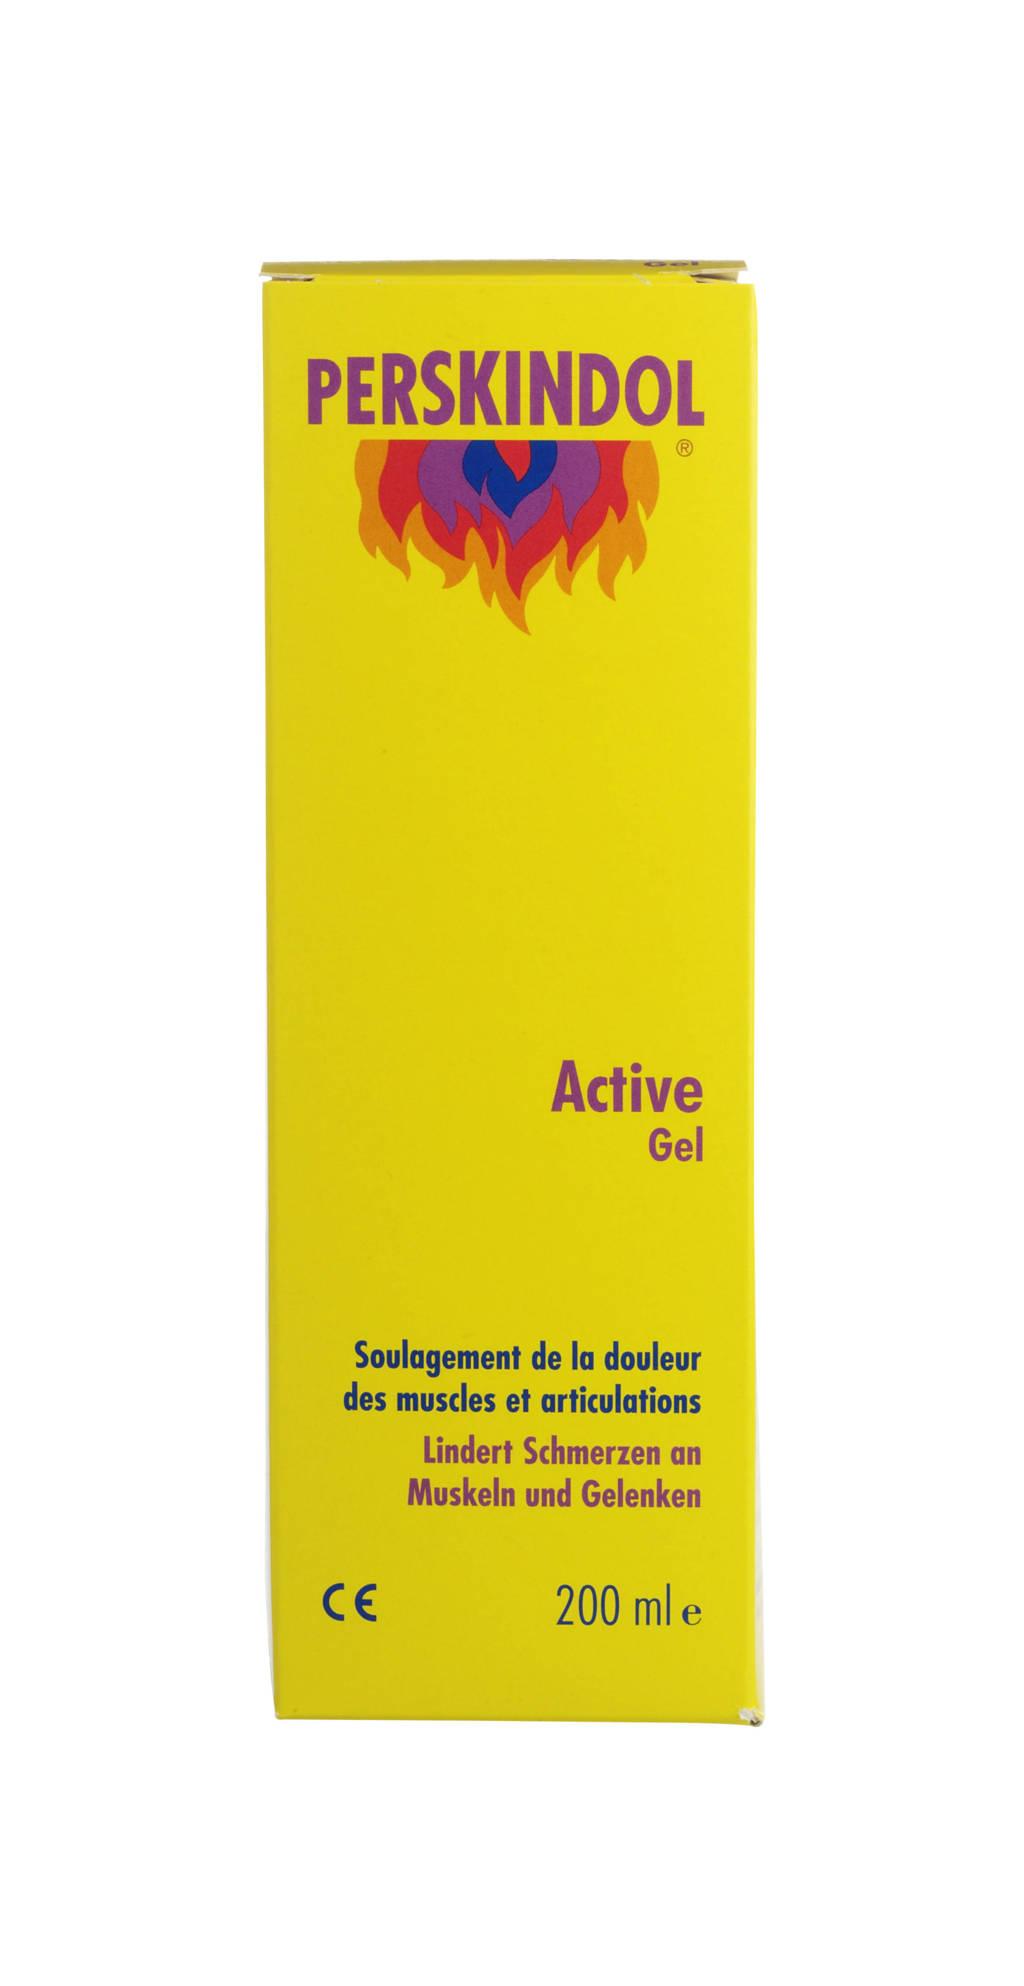 Perskindol Active Gel - 200 ml